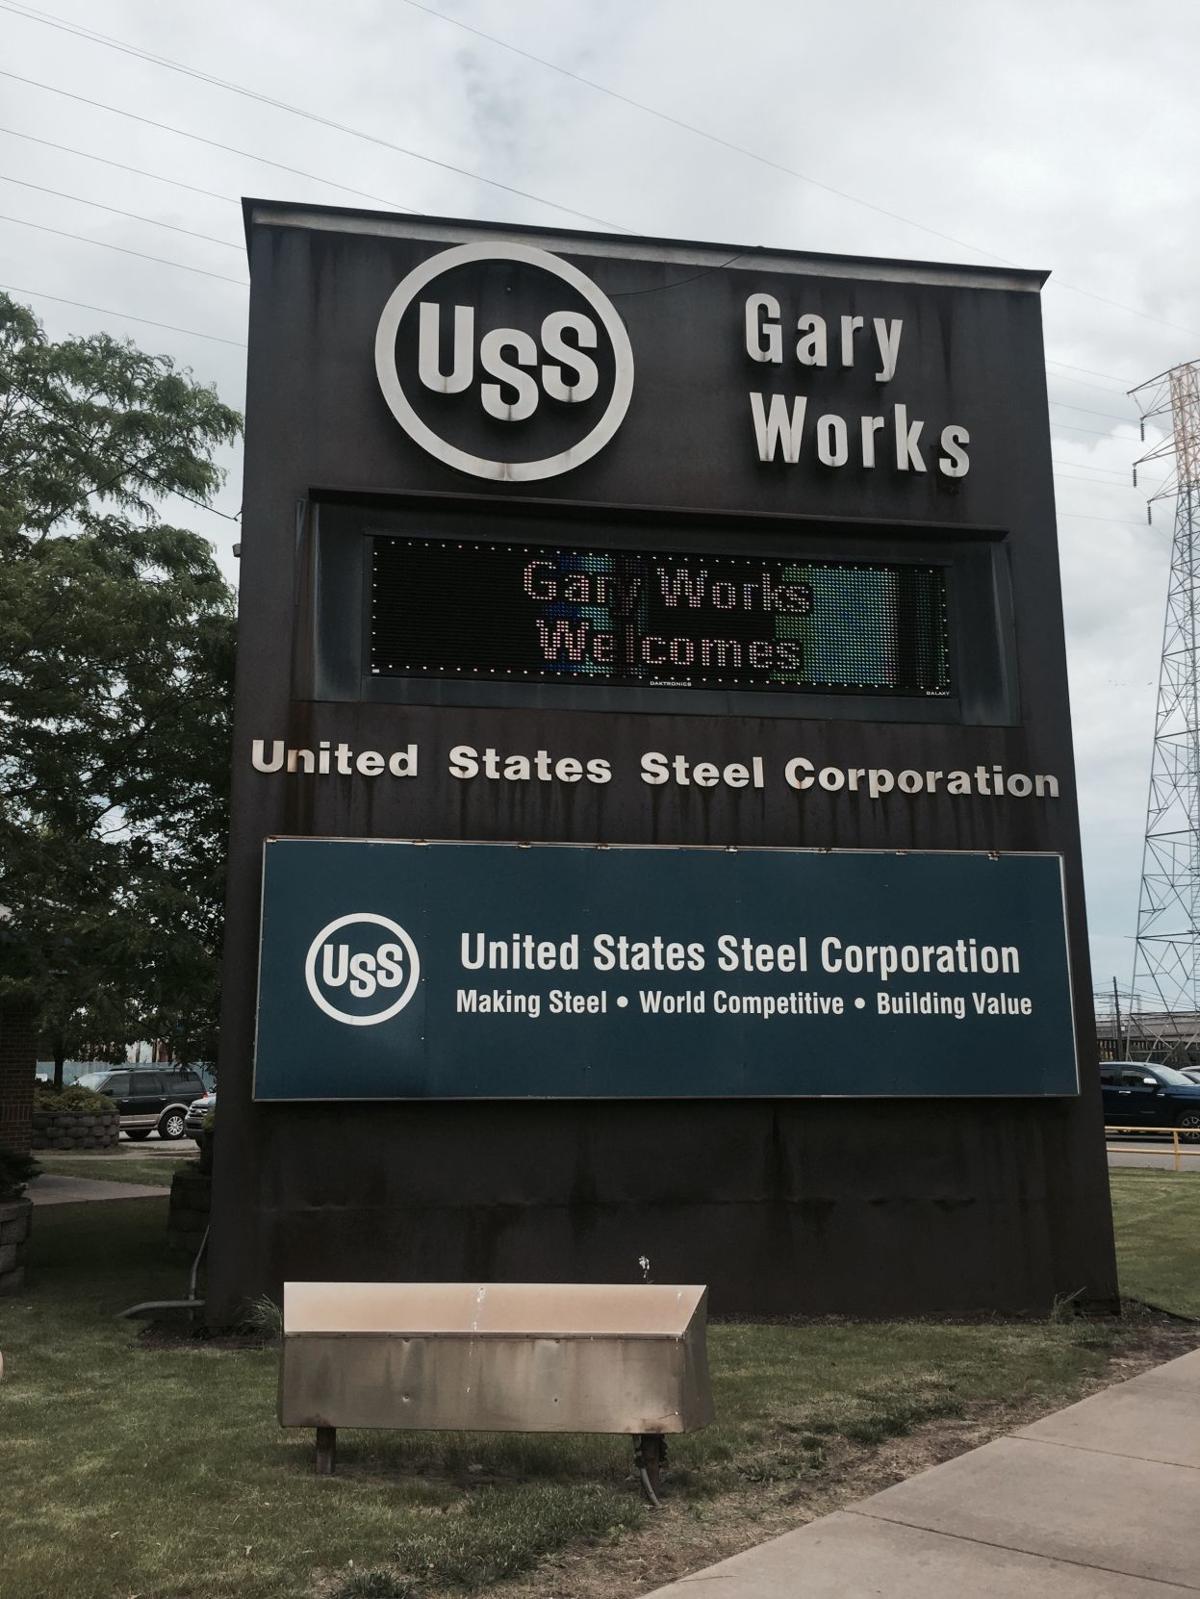 U.S. Steel made $387 million last year